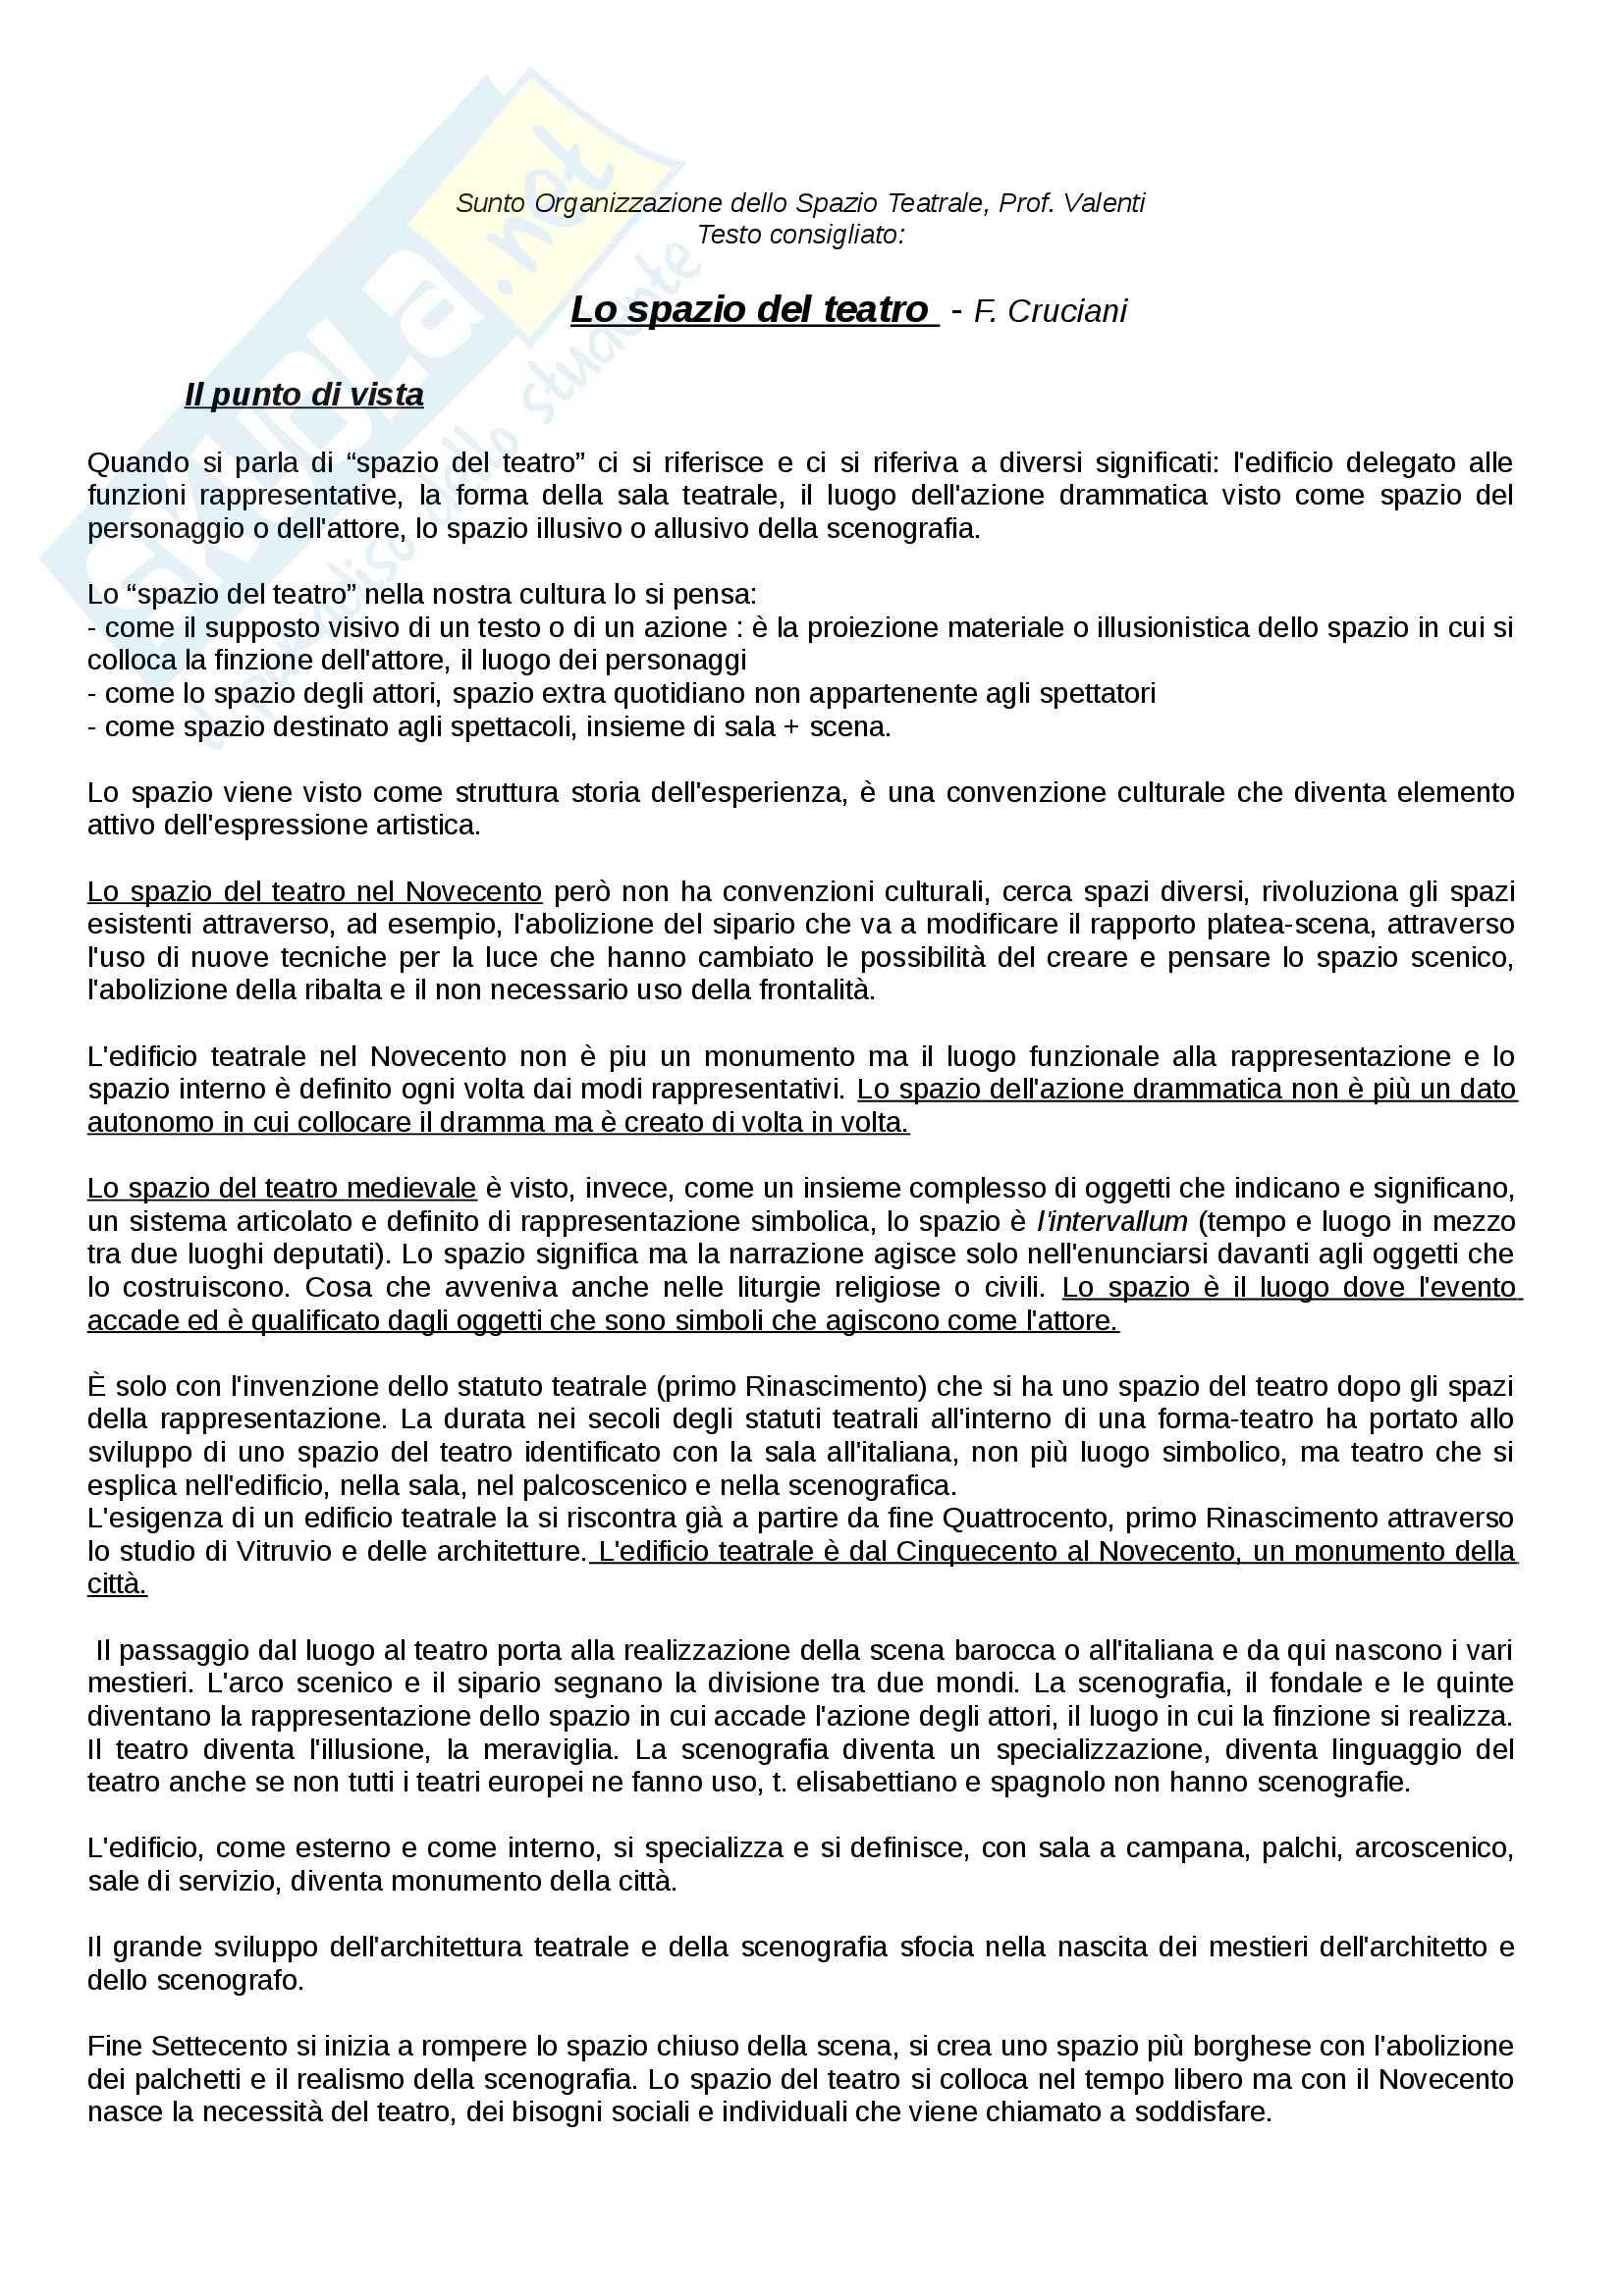 Riassunto esame Organizzazione dello Spazio teatrale, docente  Valenti, Libro consigliato Lo spazio del Teatro, Cruciani